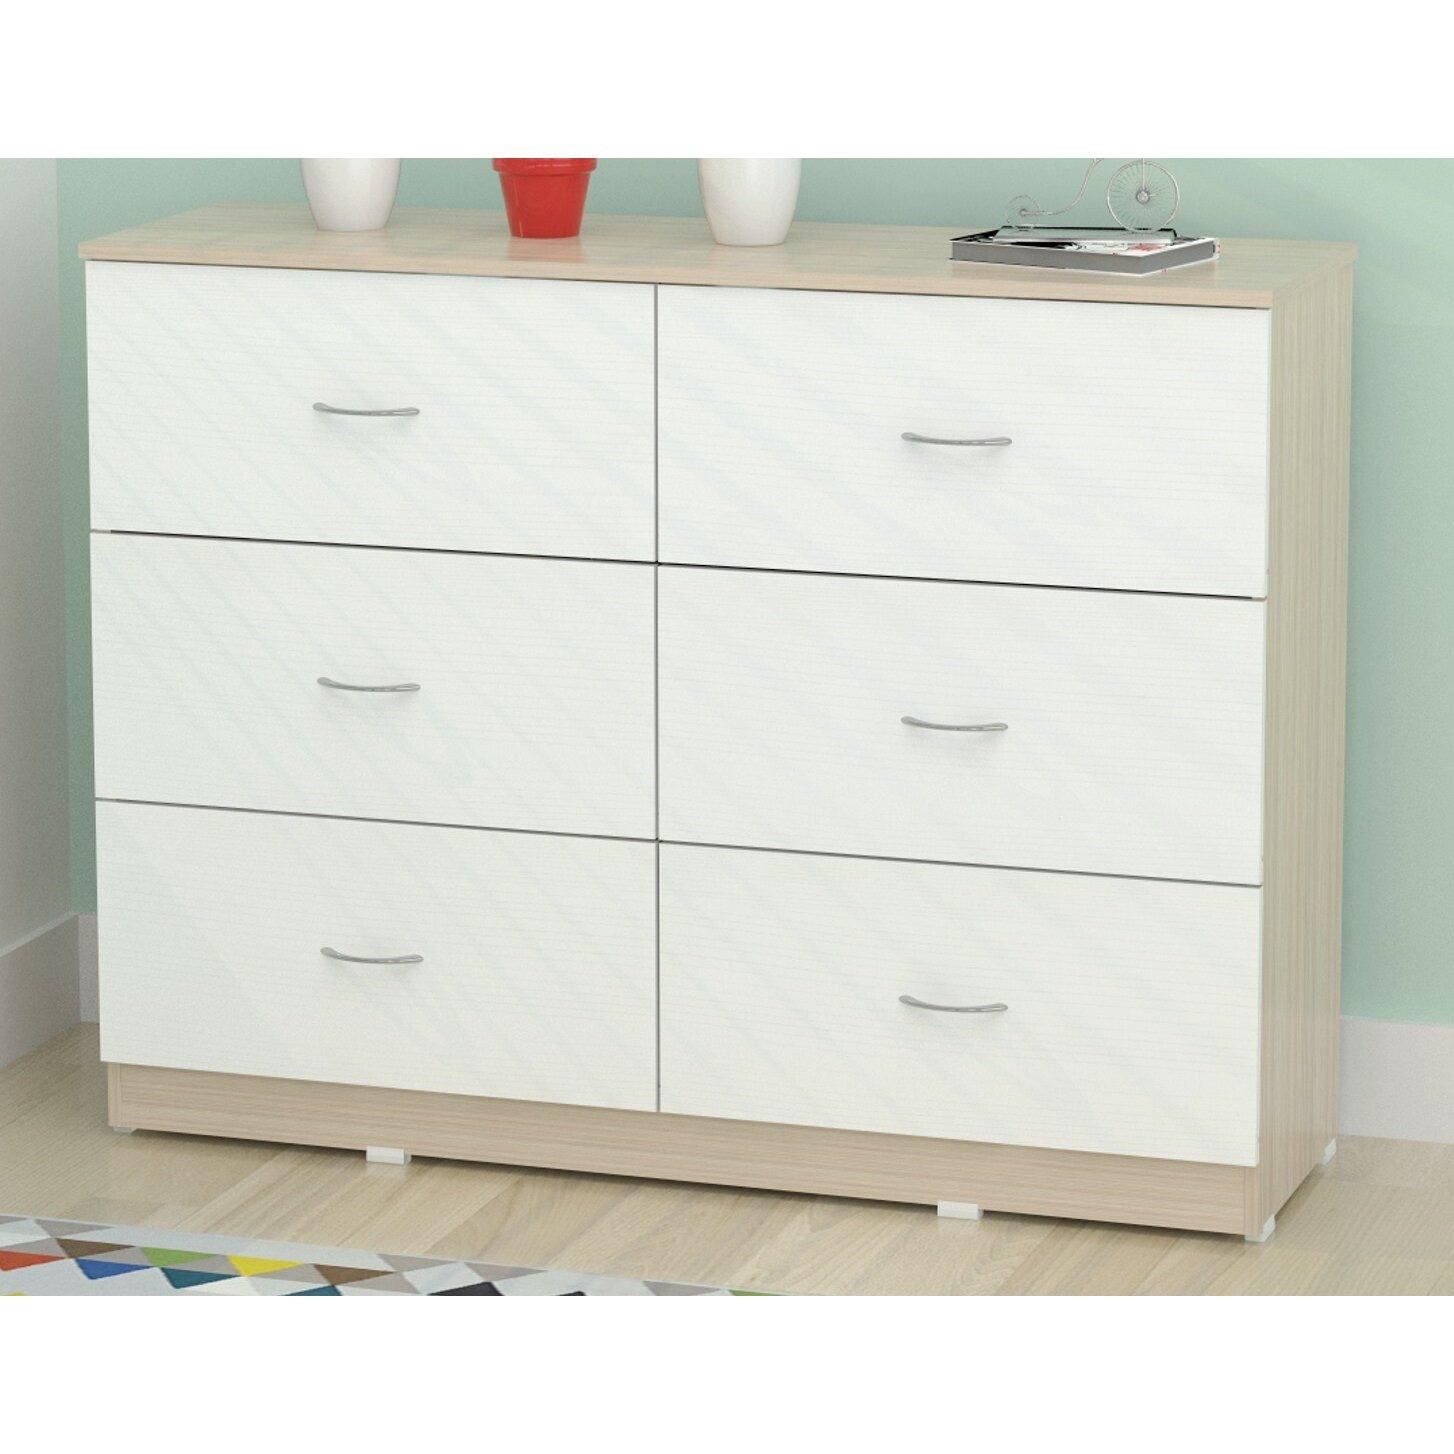 6 drawer dresser reviews allmodern for 1 door 6 drawer chest